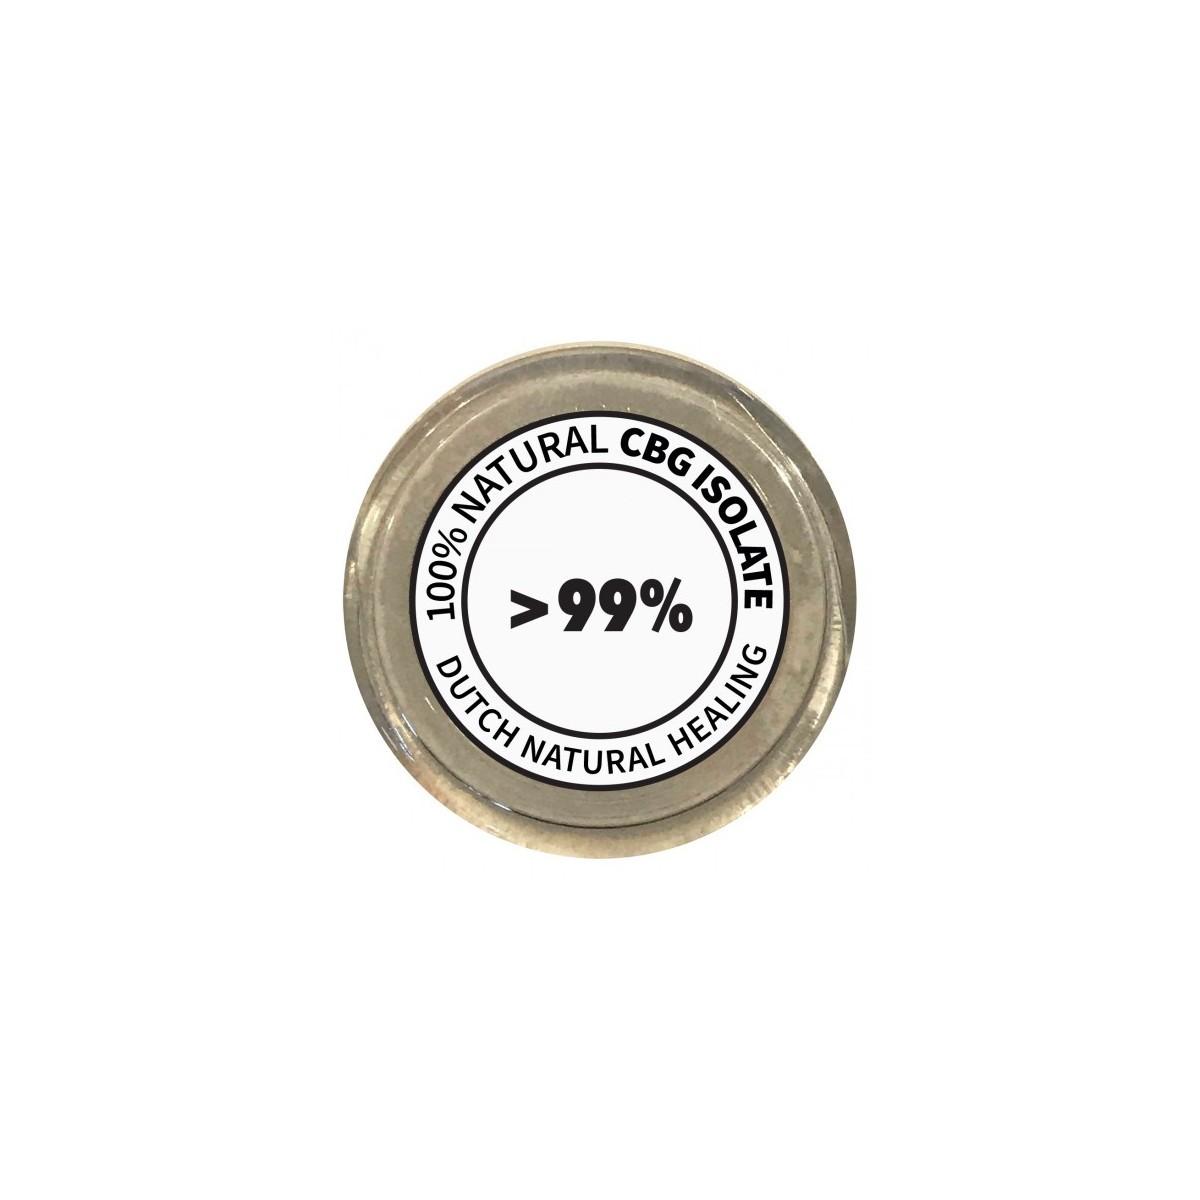 Cristaux CBG pur 99.9% 1Gr Dutch Natural Healing - 1